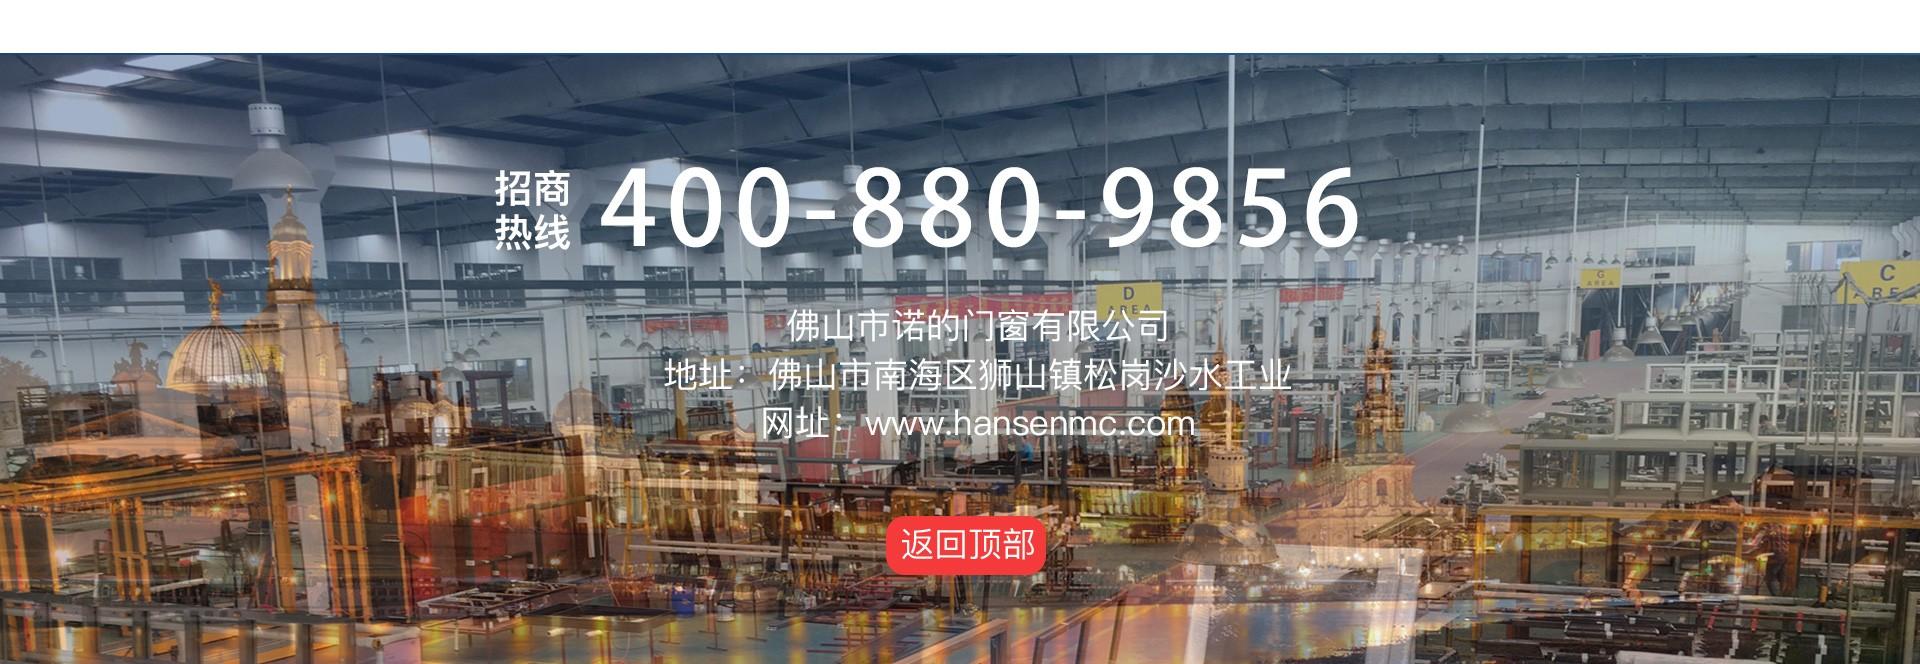 淘宝招商加盟页面最终1_16.jpg